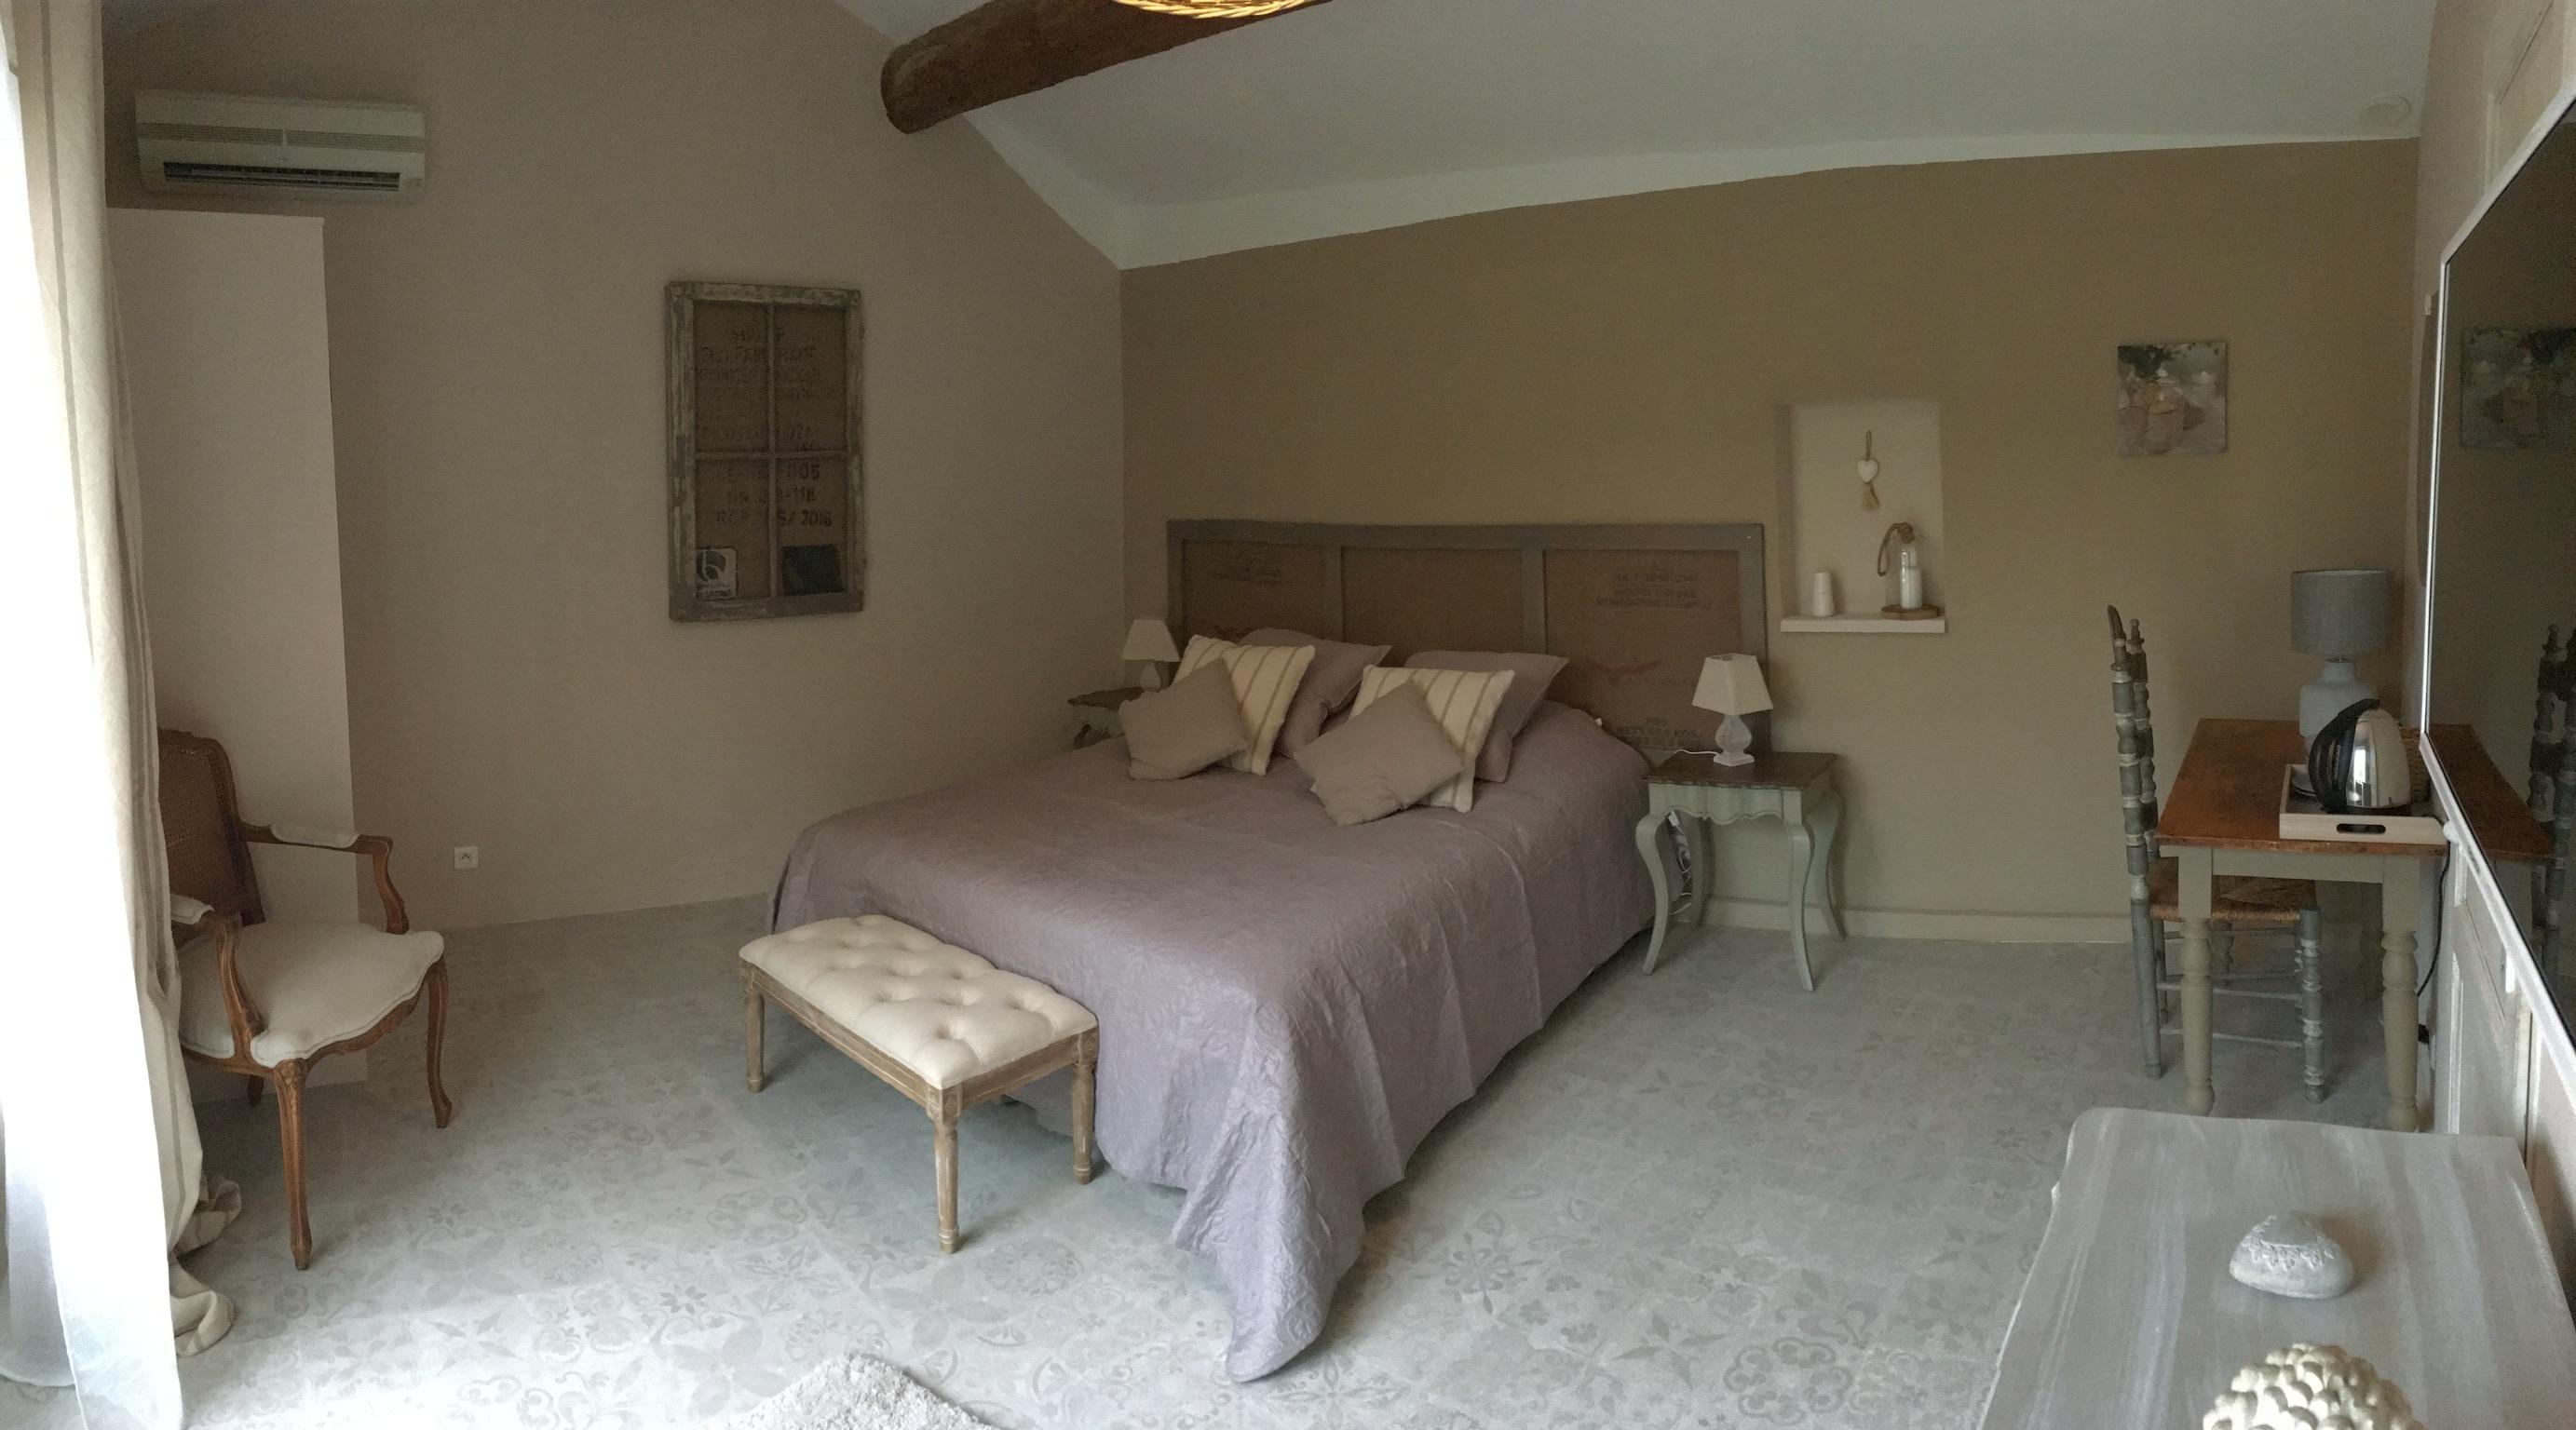 Chambre Toile de Jute 1 - La Bastide des Songes - Chambres d'hôtes Luberon - Vaucluse